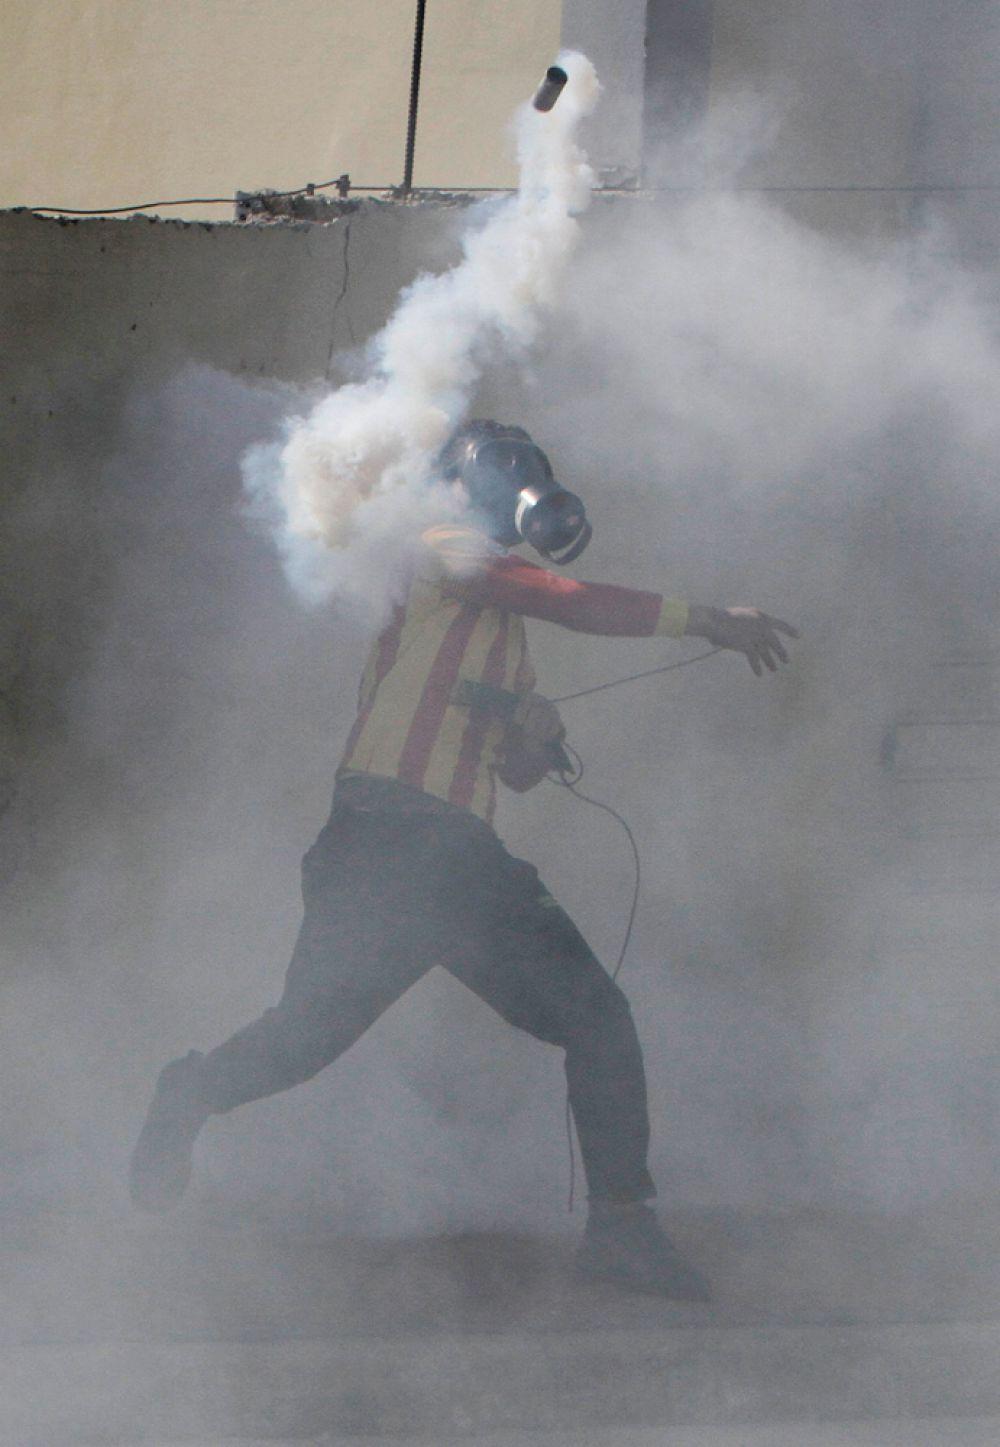 23 января. Палестинский демонстрант в столкновениях с израильскими войсками.